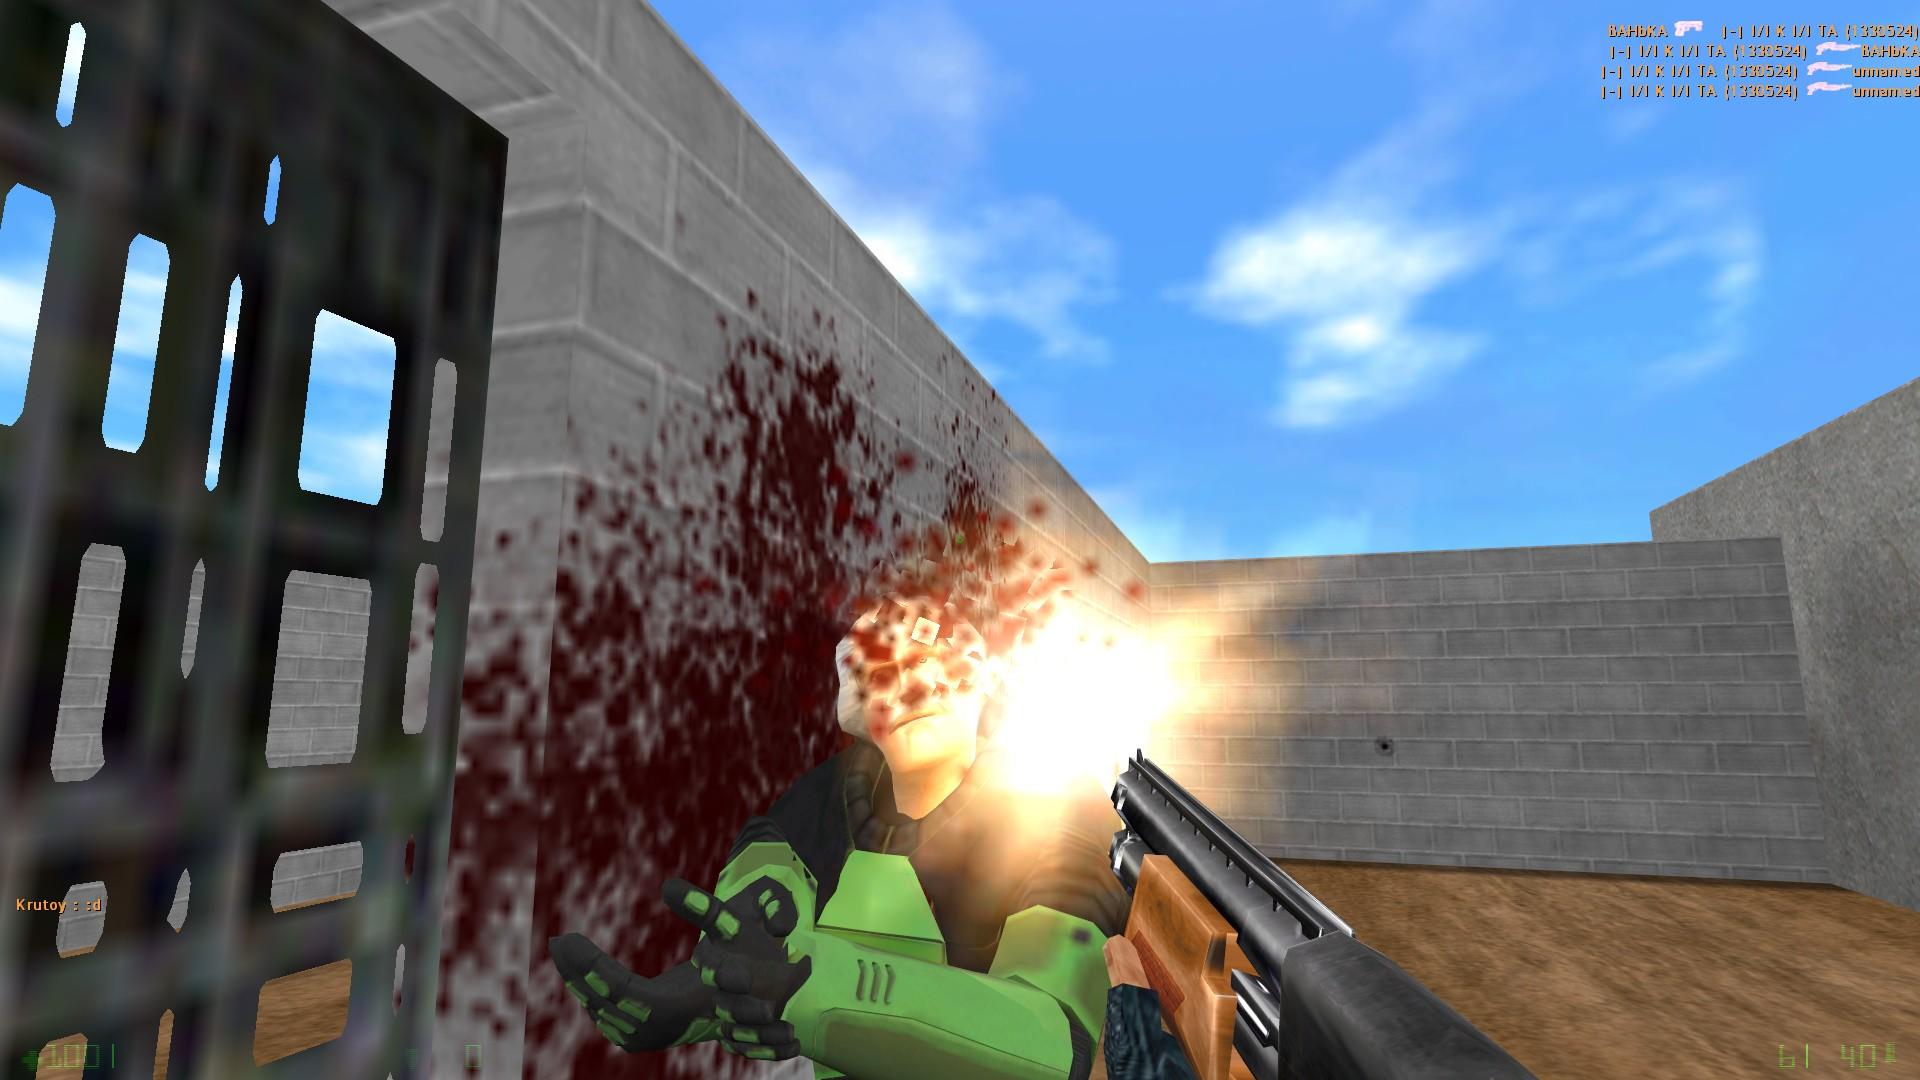 دانلود بلود Realistic Blood v2 برای کانتر